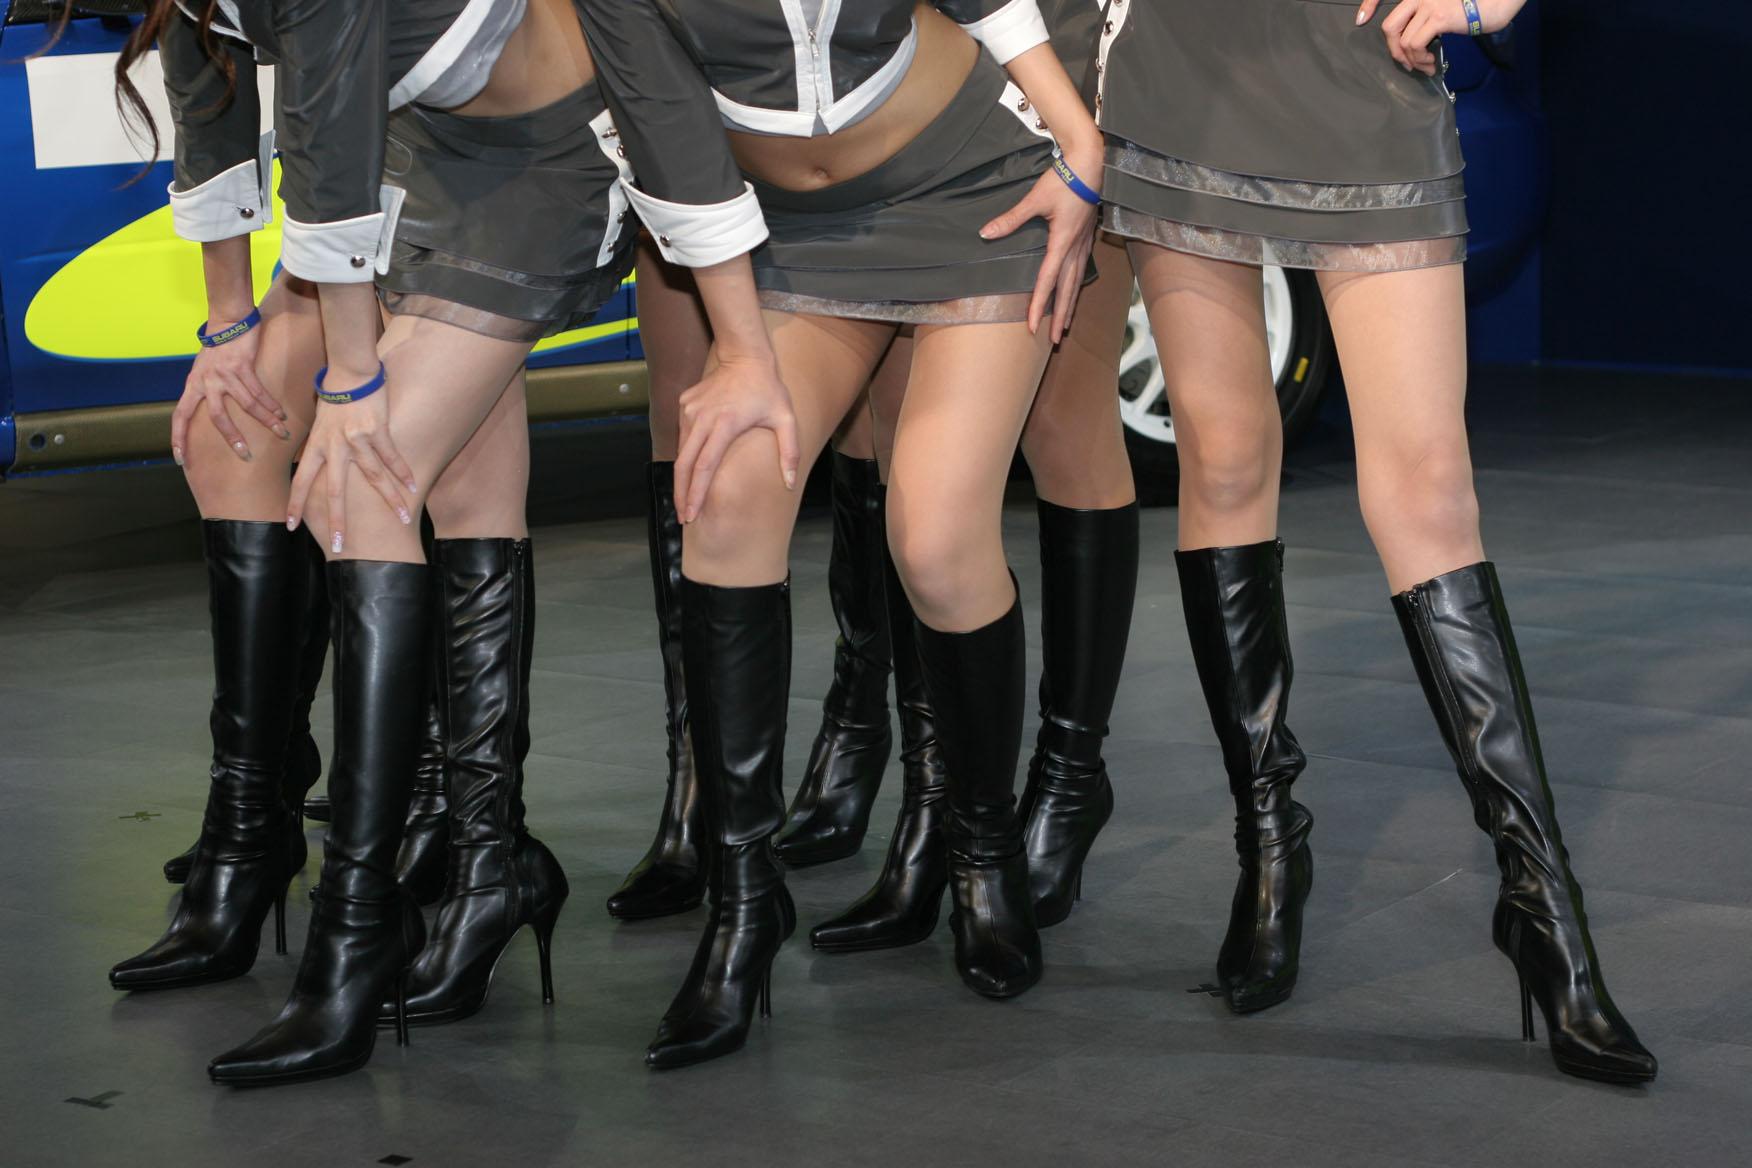 【キャンギャルエロ画像】美脚であるのが最低条件w脚線美で攻めるキャンギャルの皆さんwww 16